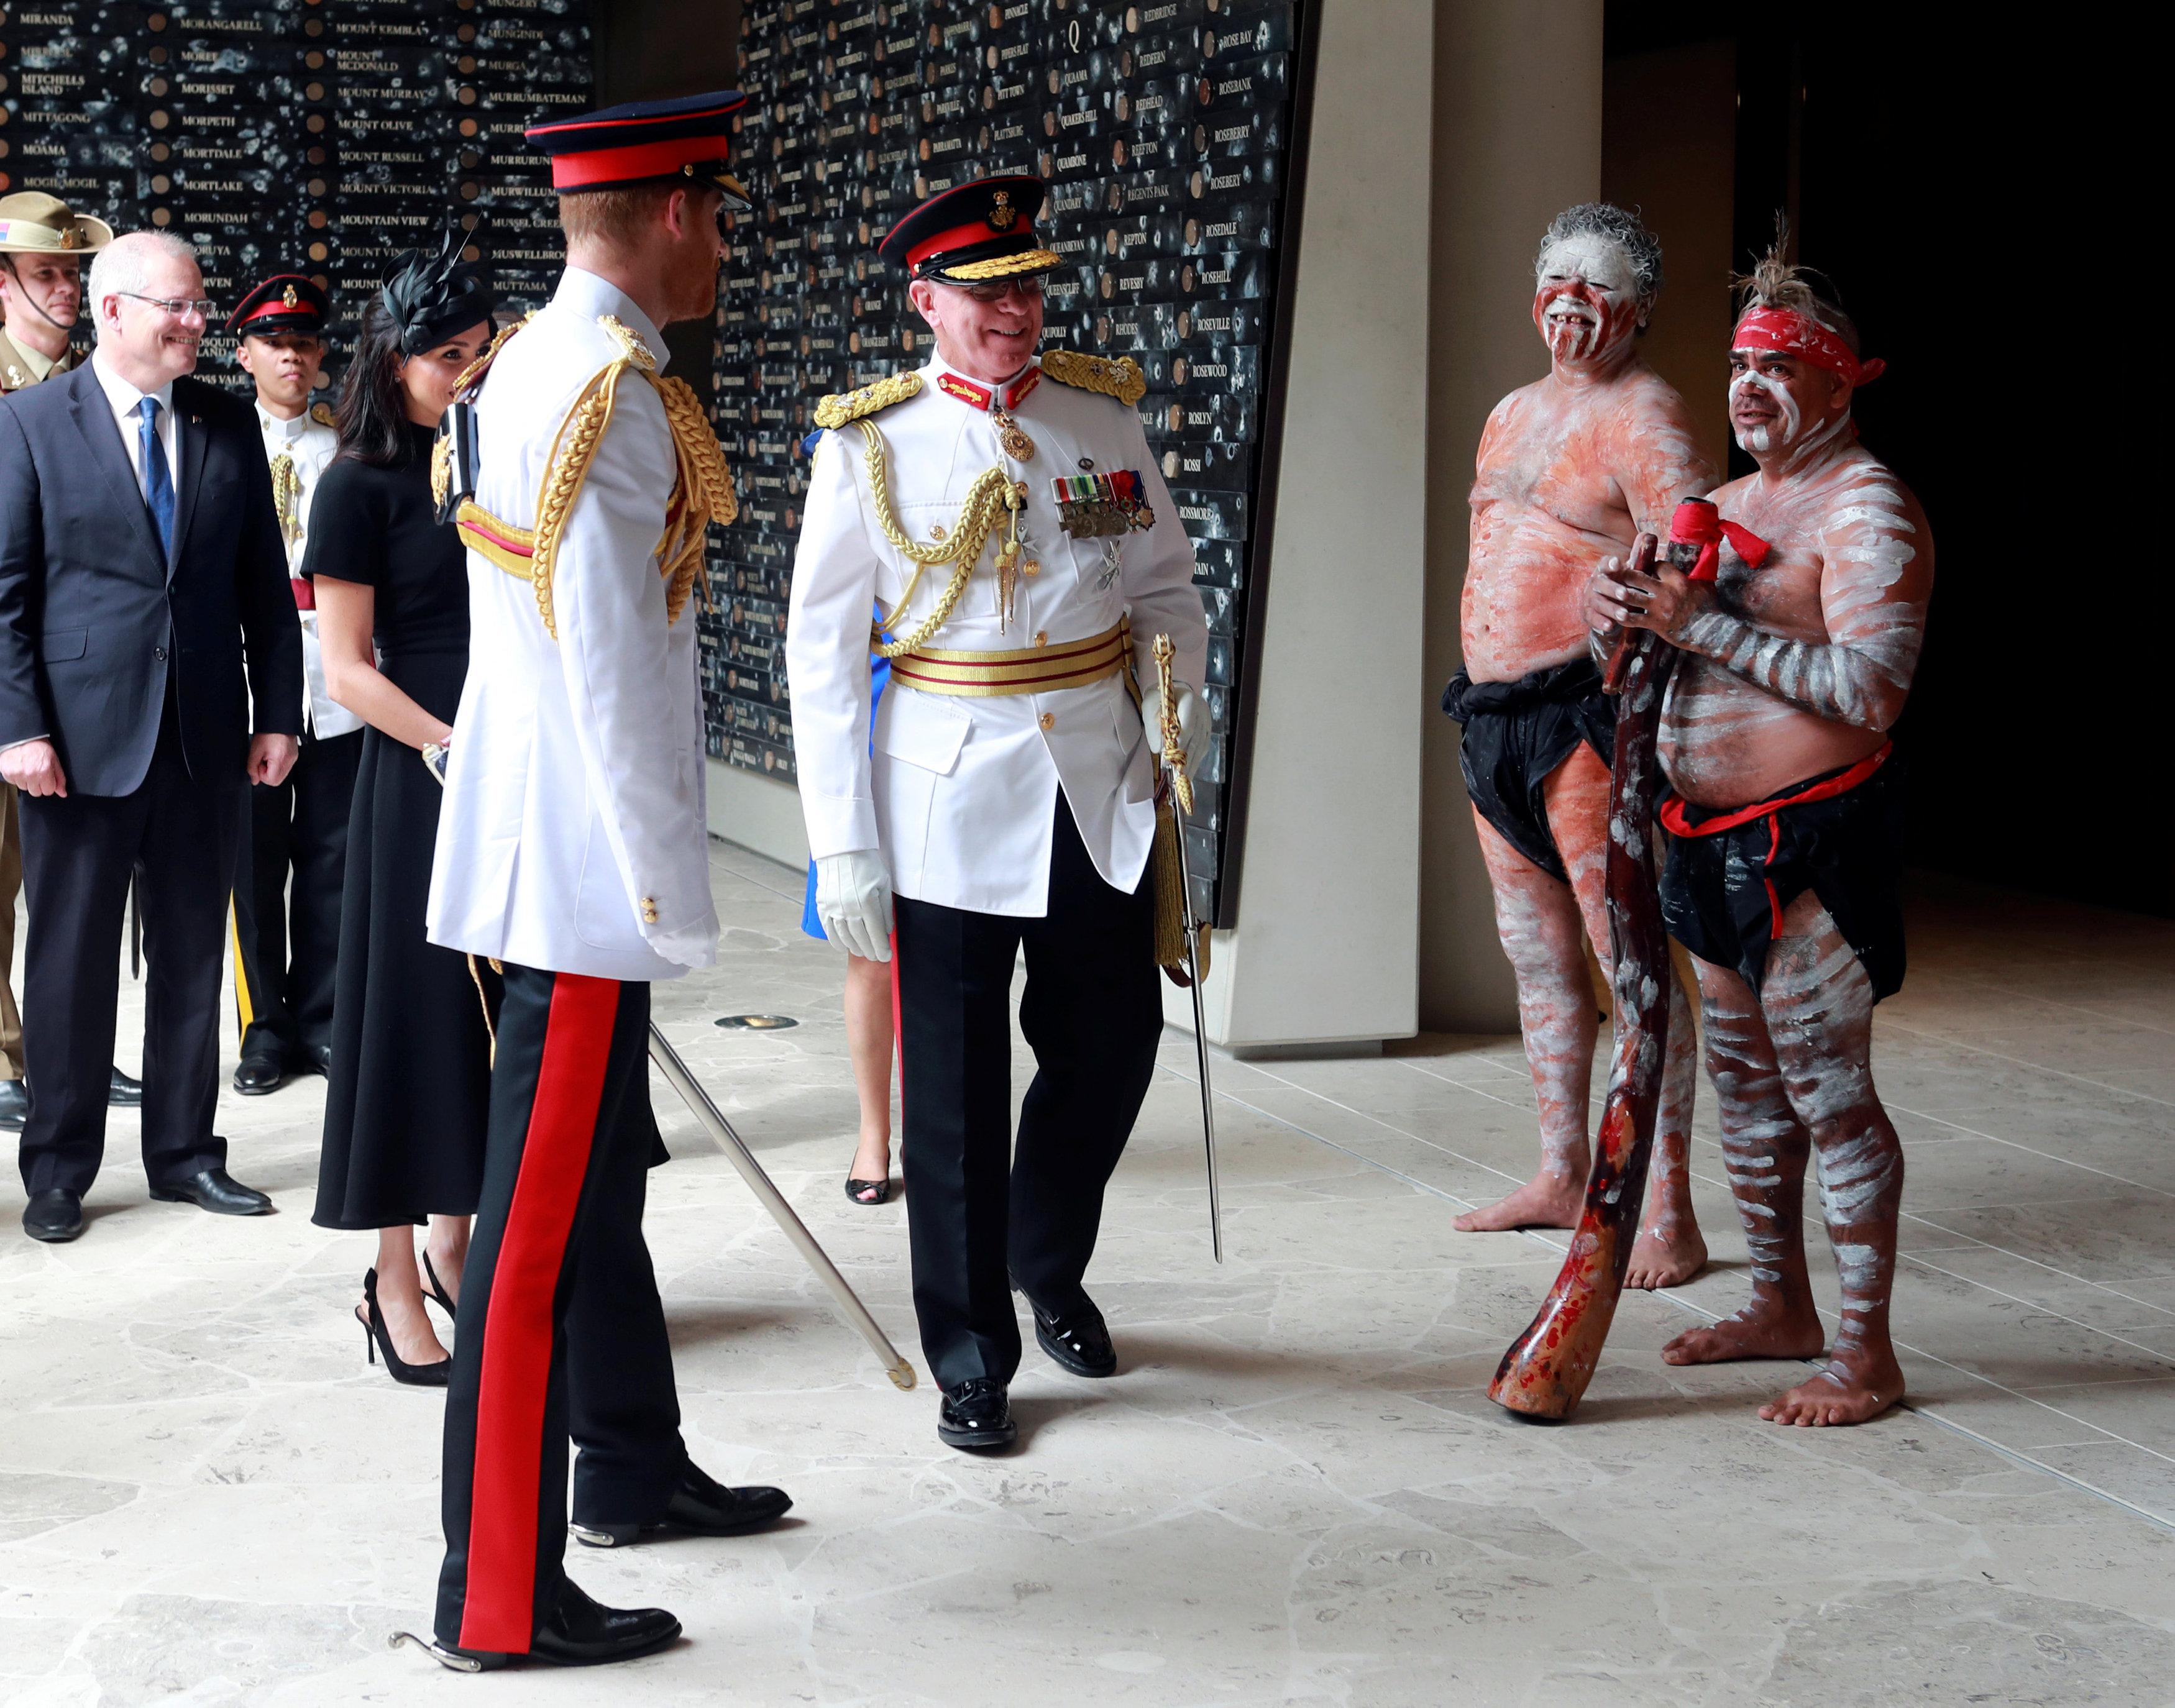 الأمير هارى بملابسه الرسمية